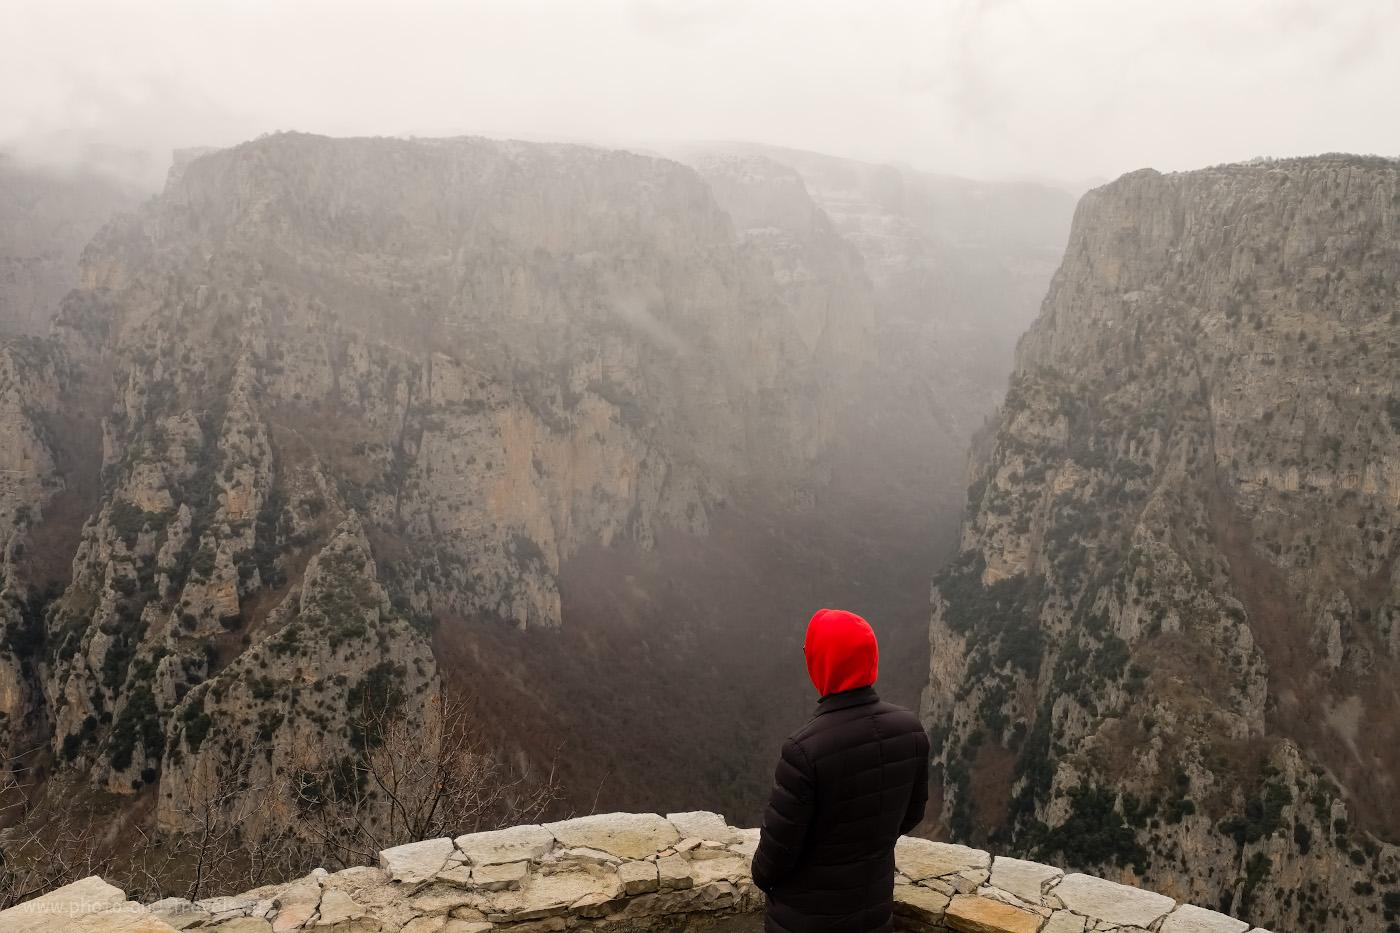 Фотография 27. Каньон Викос в Греции впечатляет не меньше, чем Тазы в Турции. 1/100, 8.0, 500, -0.33, 20.